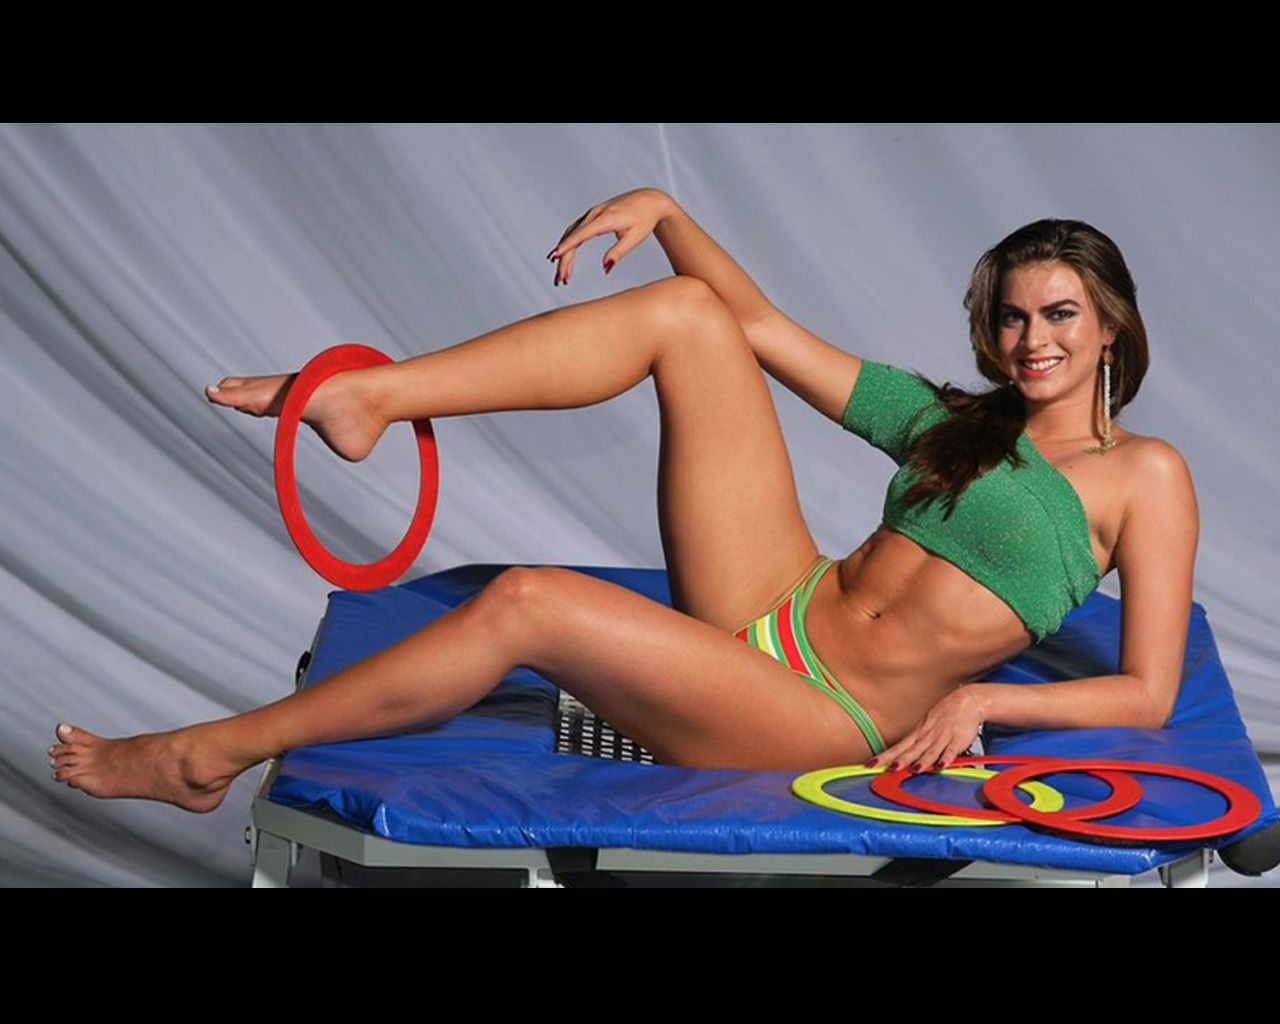 Renata molinaro making of paparazzo wwwpanicatorg - 2 5